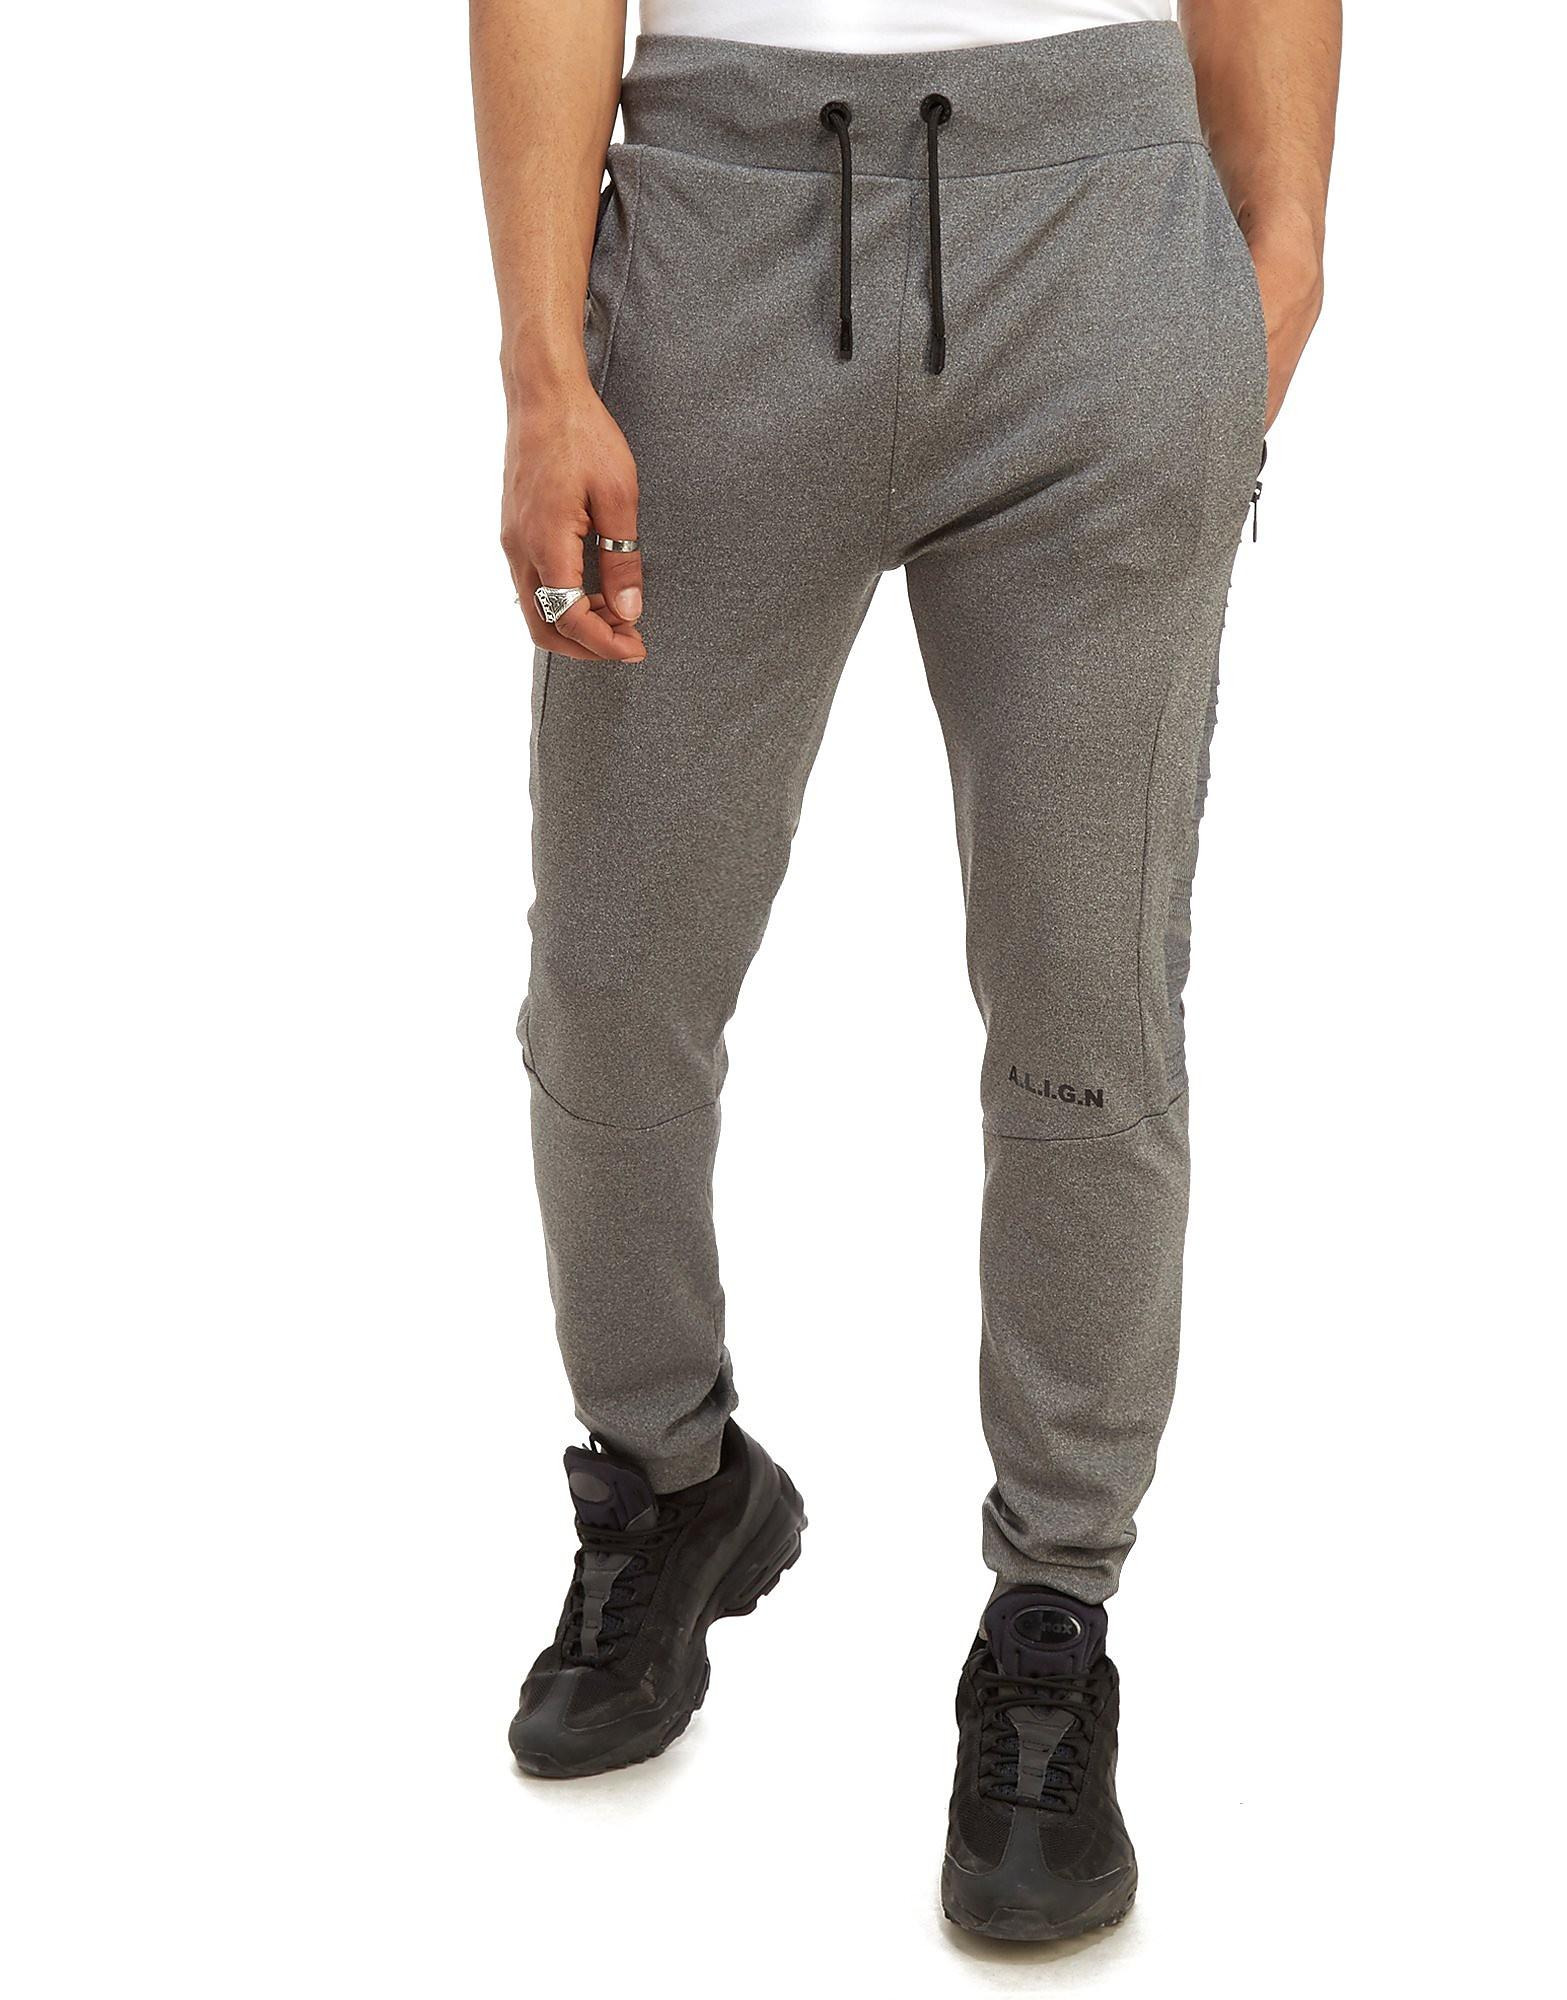 Align Spitfire Pants